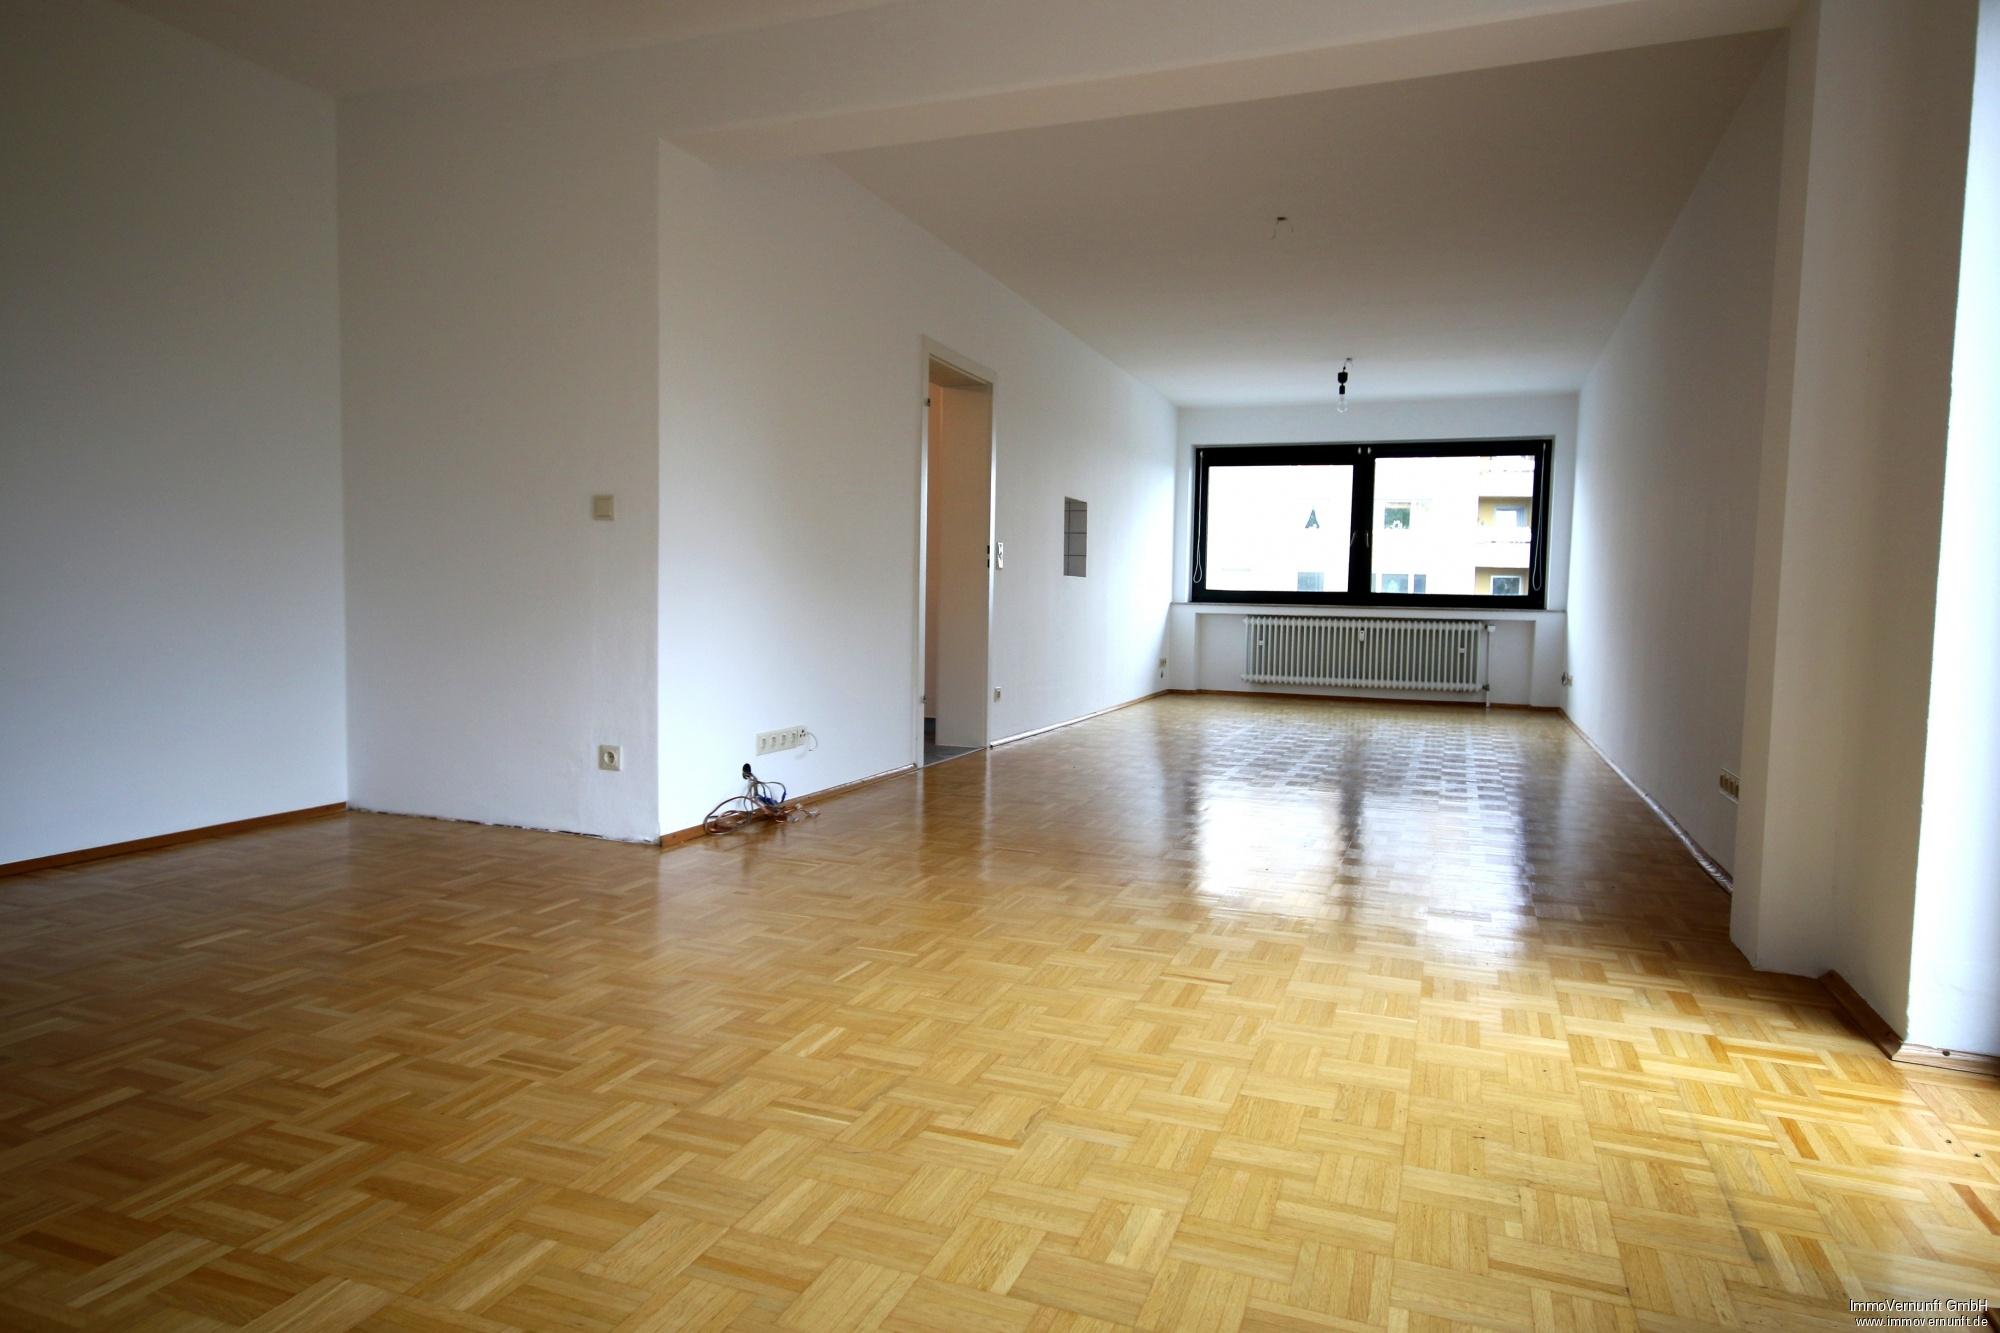 Renovierte Eigentumswohnung auf 108 m² 45355 Essen, Borbeck (Stadtbezirke IV), Etagenwohnung